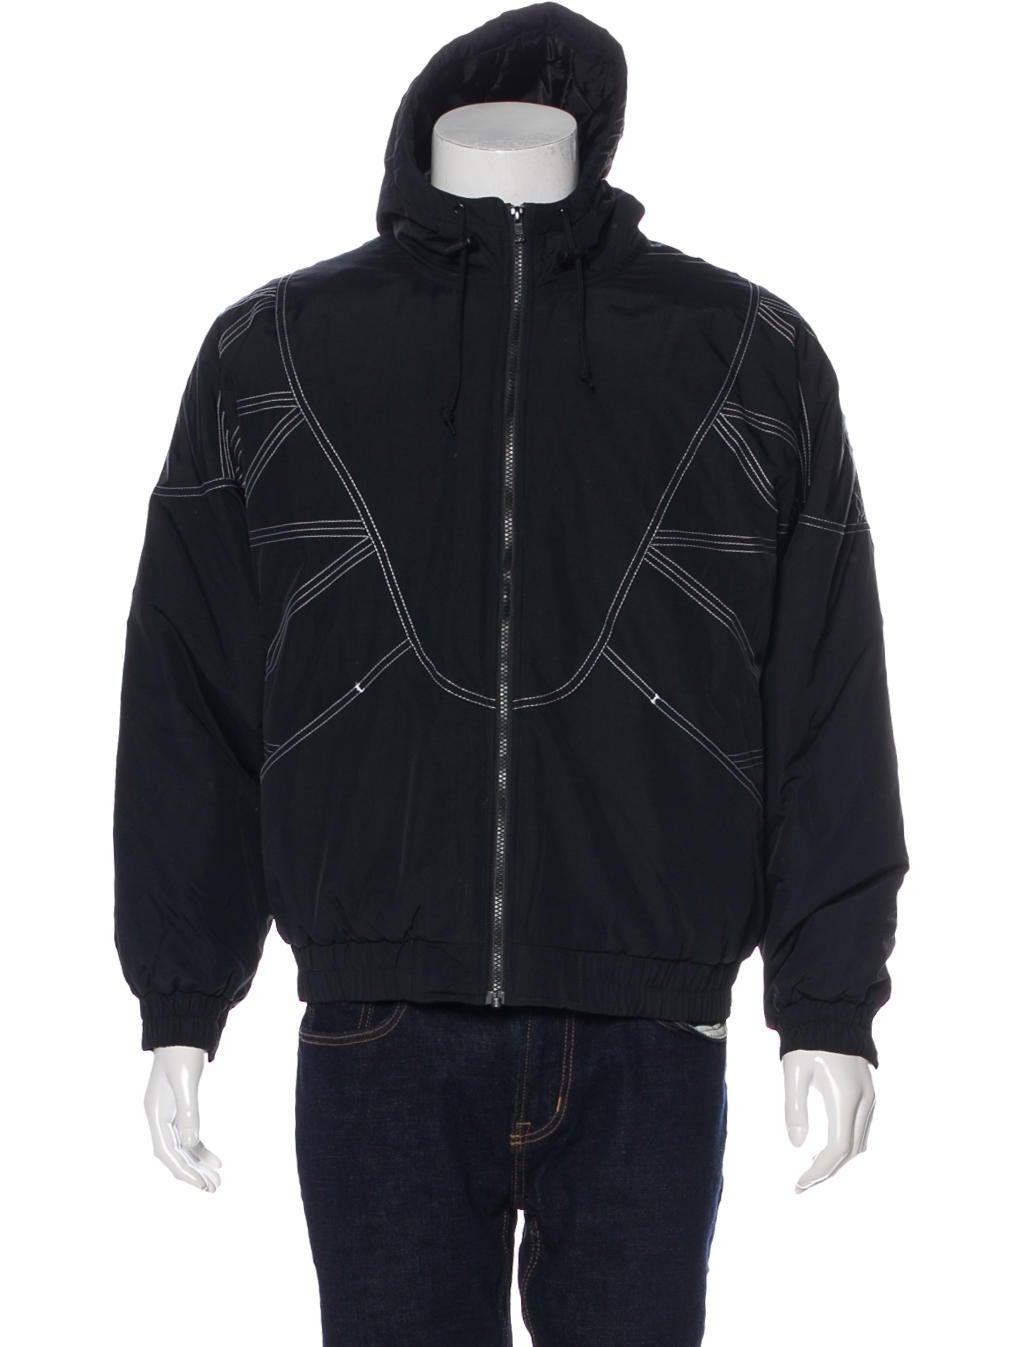 ae266dff Supreme 2018 Zig Zag Stitch Puffy Jacket - Clothing - WSPME23898 ...